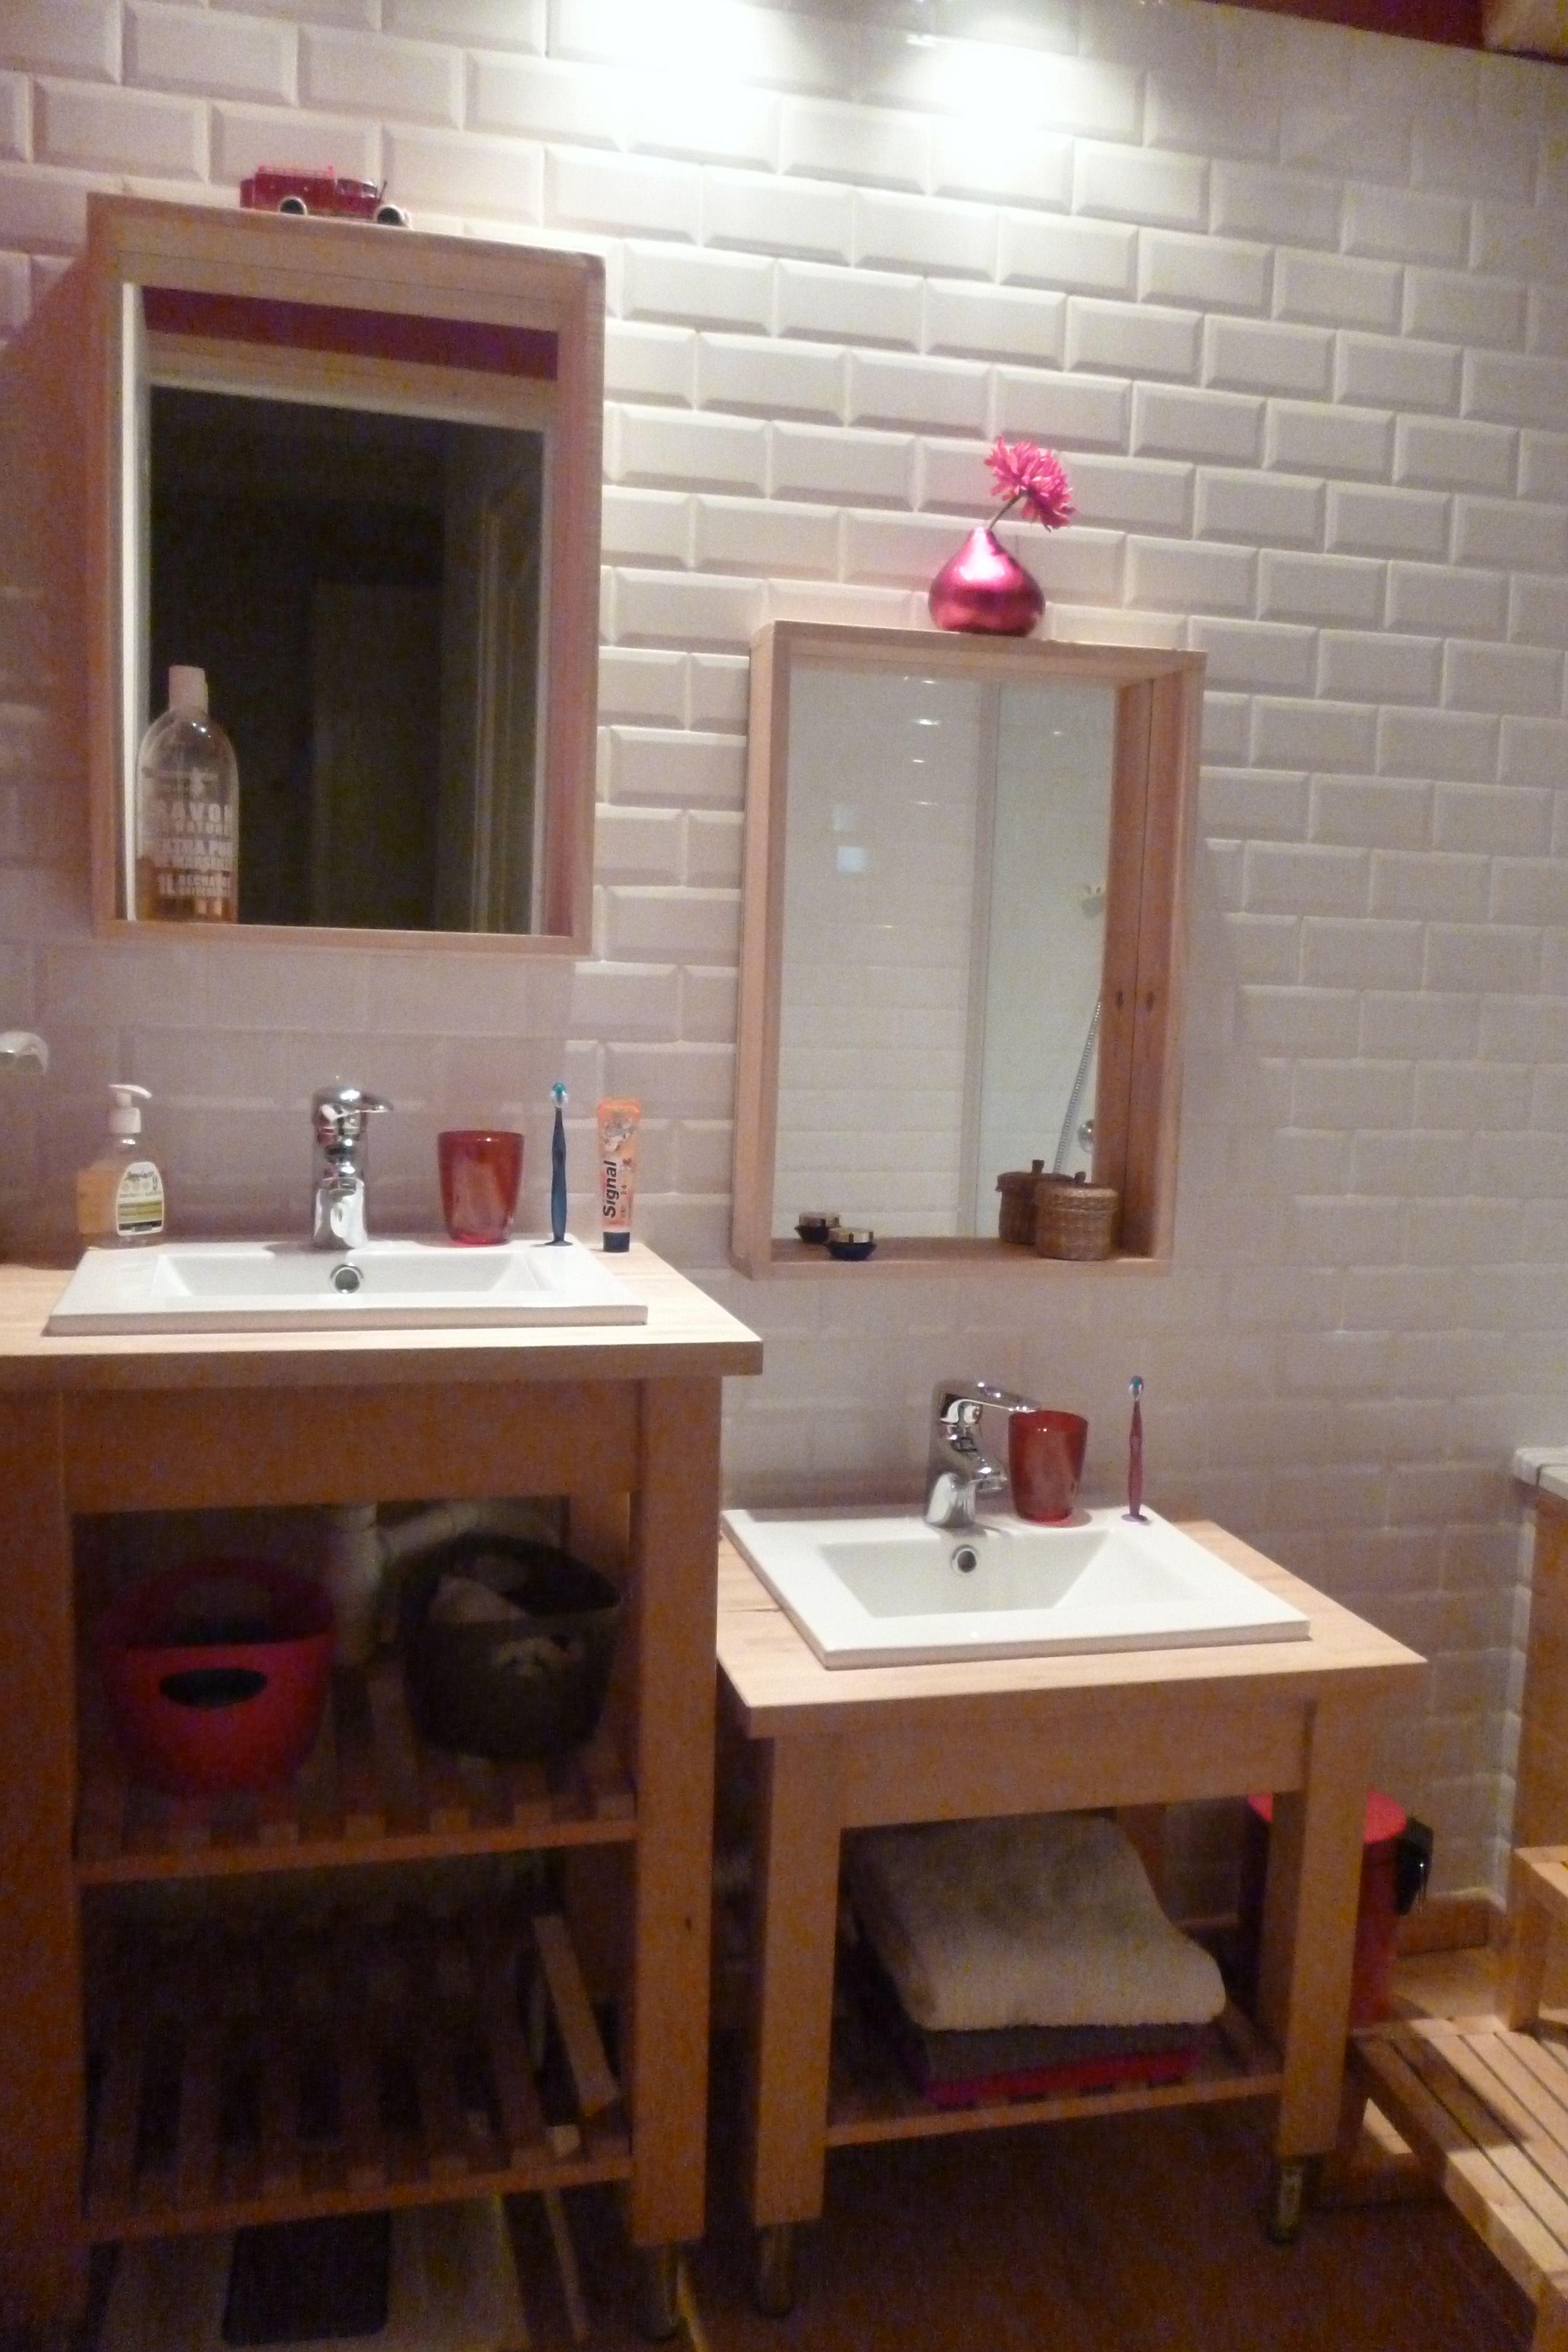 Children Bathroom Ikea Bekvam Hack Detournement Ikea Bekvam Pour Lavabo D Enfant Economique Carrelage Metro Lavabo Enfant Vanite Ikea Coiffeuse Salle De Bains